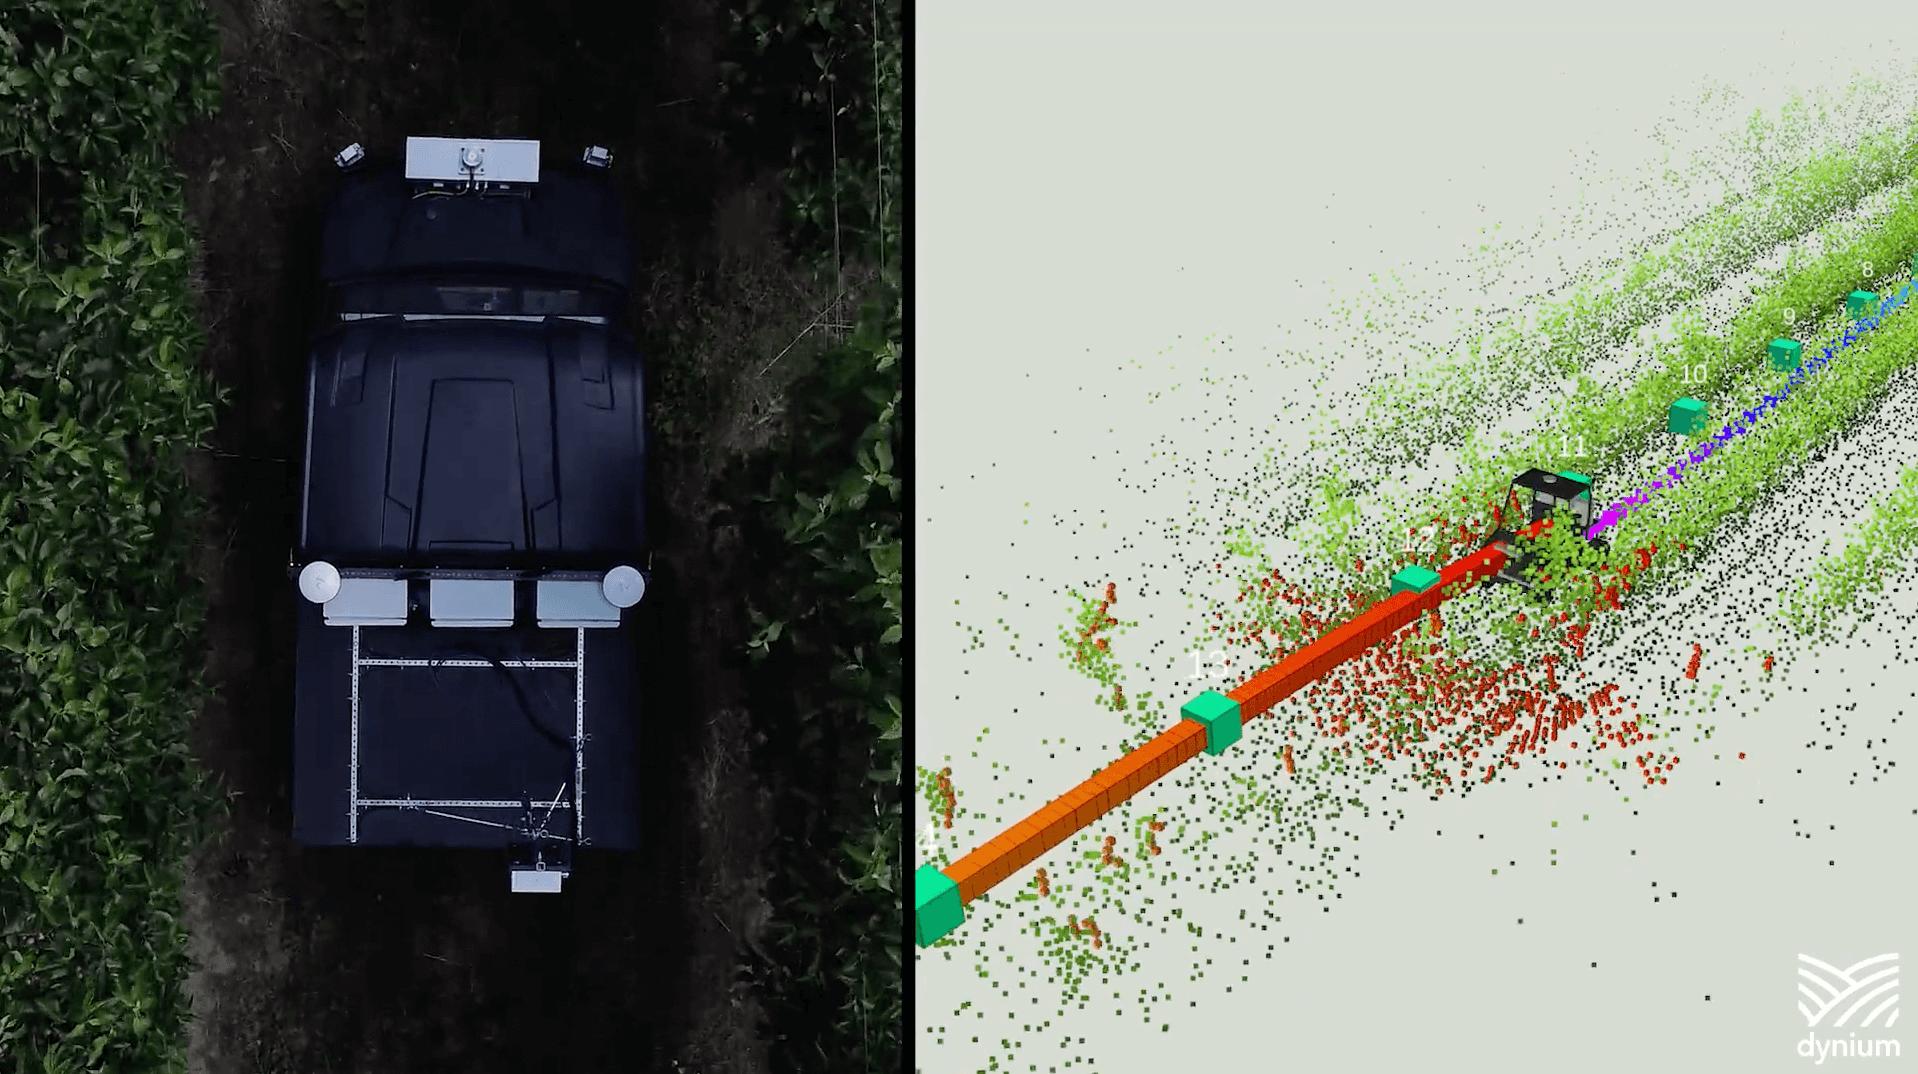 果実を自動でカウントし収穫量を高い精度で予測するDynium Robot社のCropScoutサービスについて解説